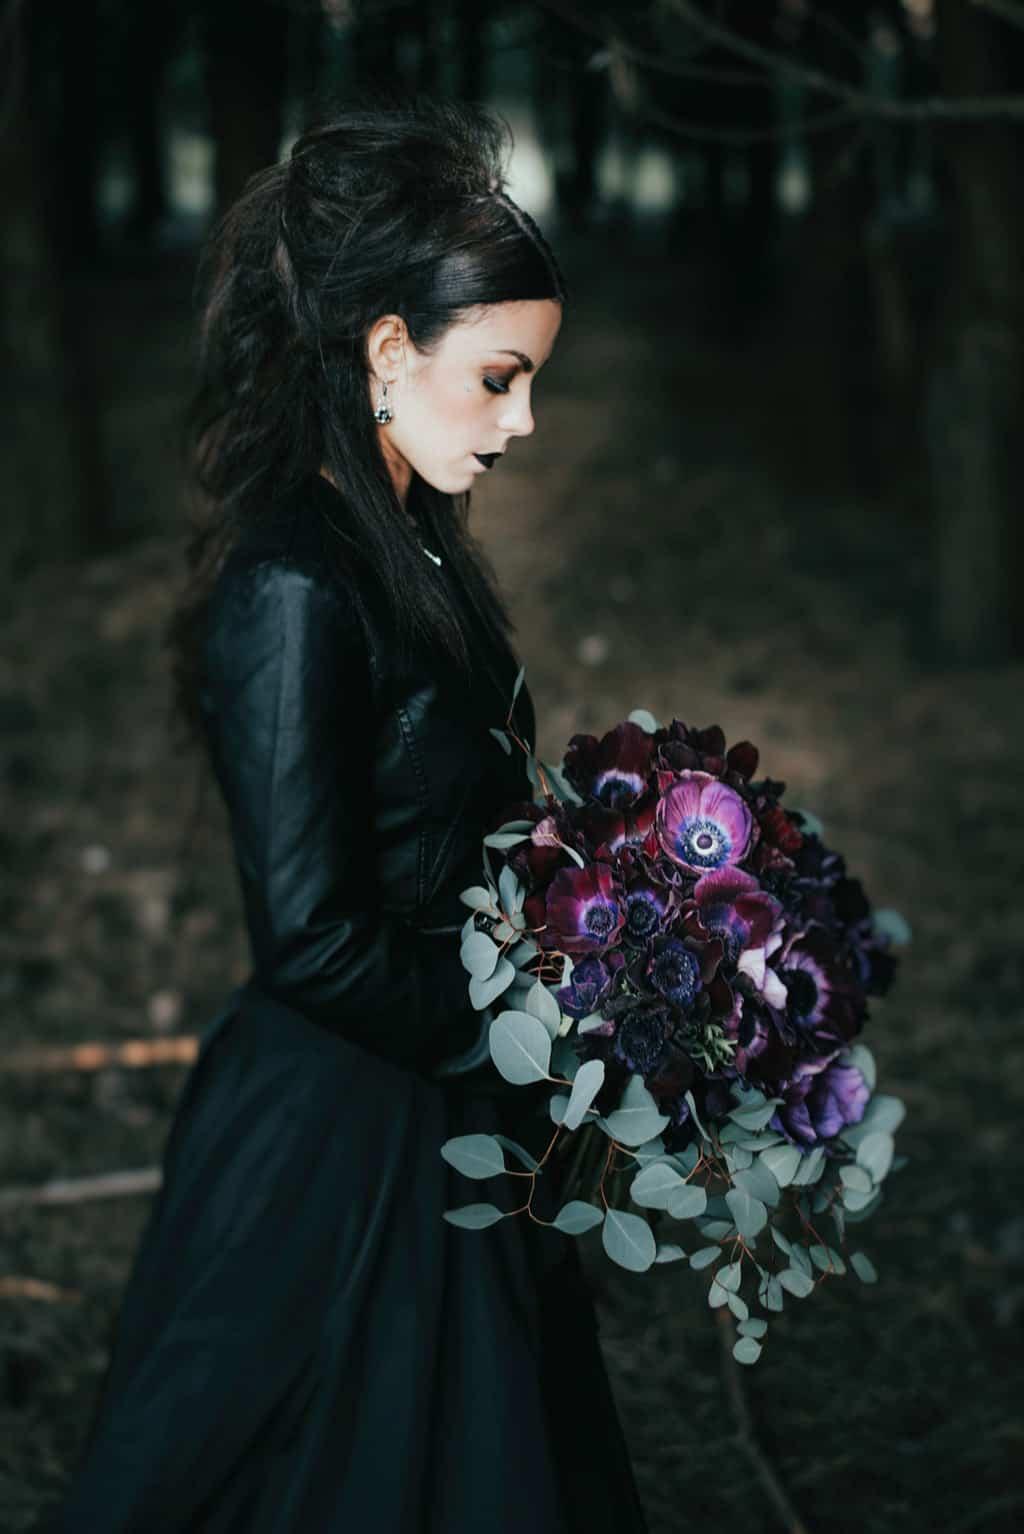 576 sposa goth Im not complete   Breve racconto fotografico dallo stile Dark